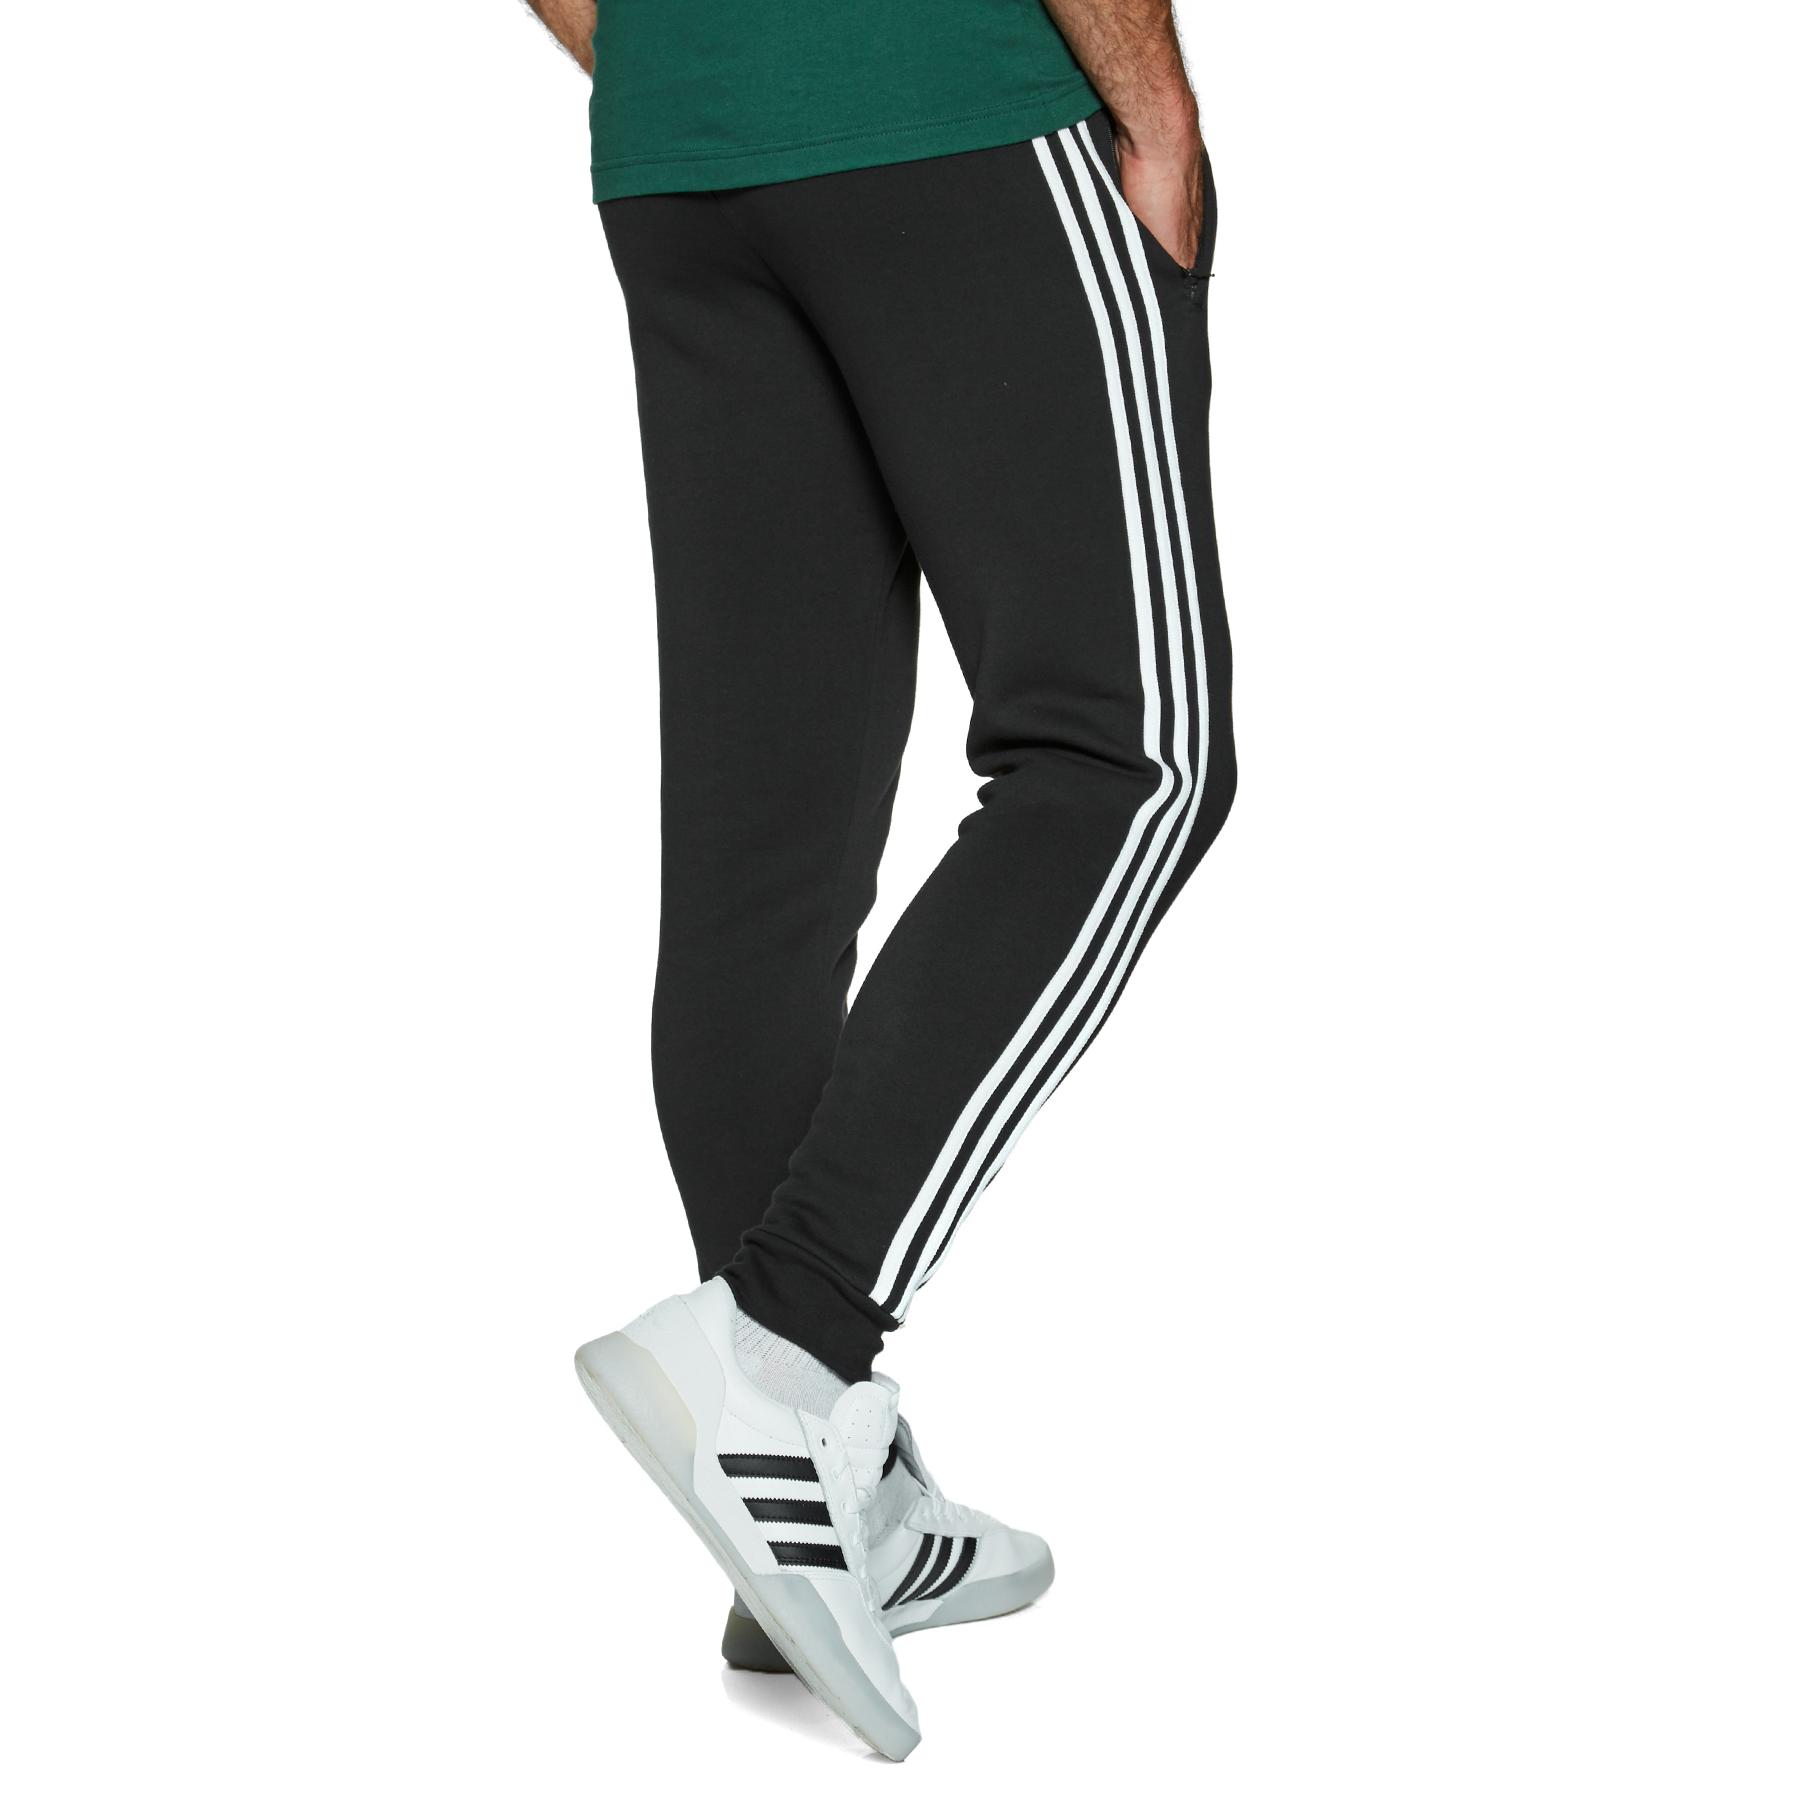 pantalon adidas 3 stripes crew neck homme